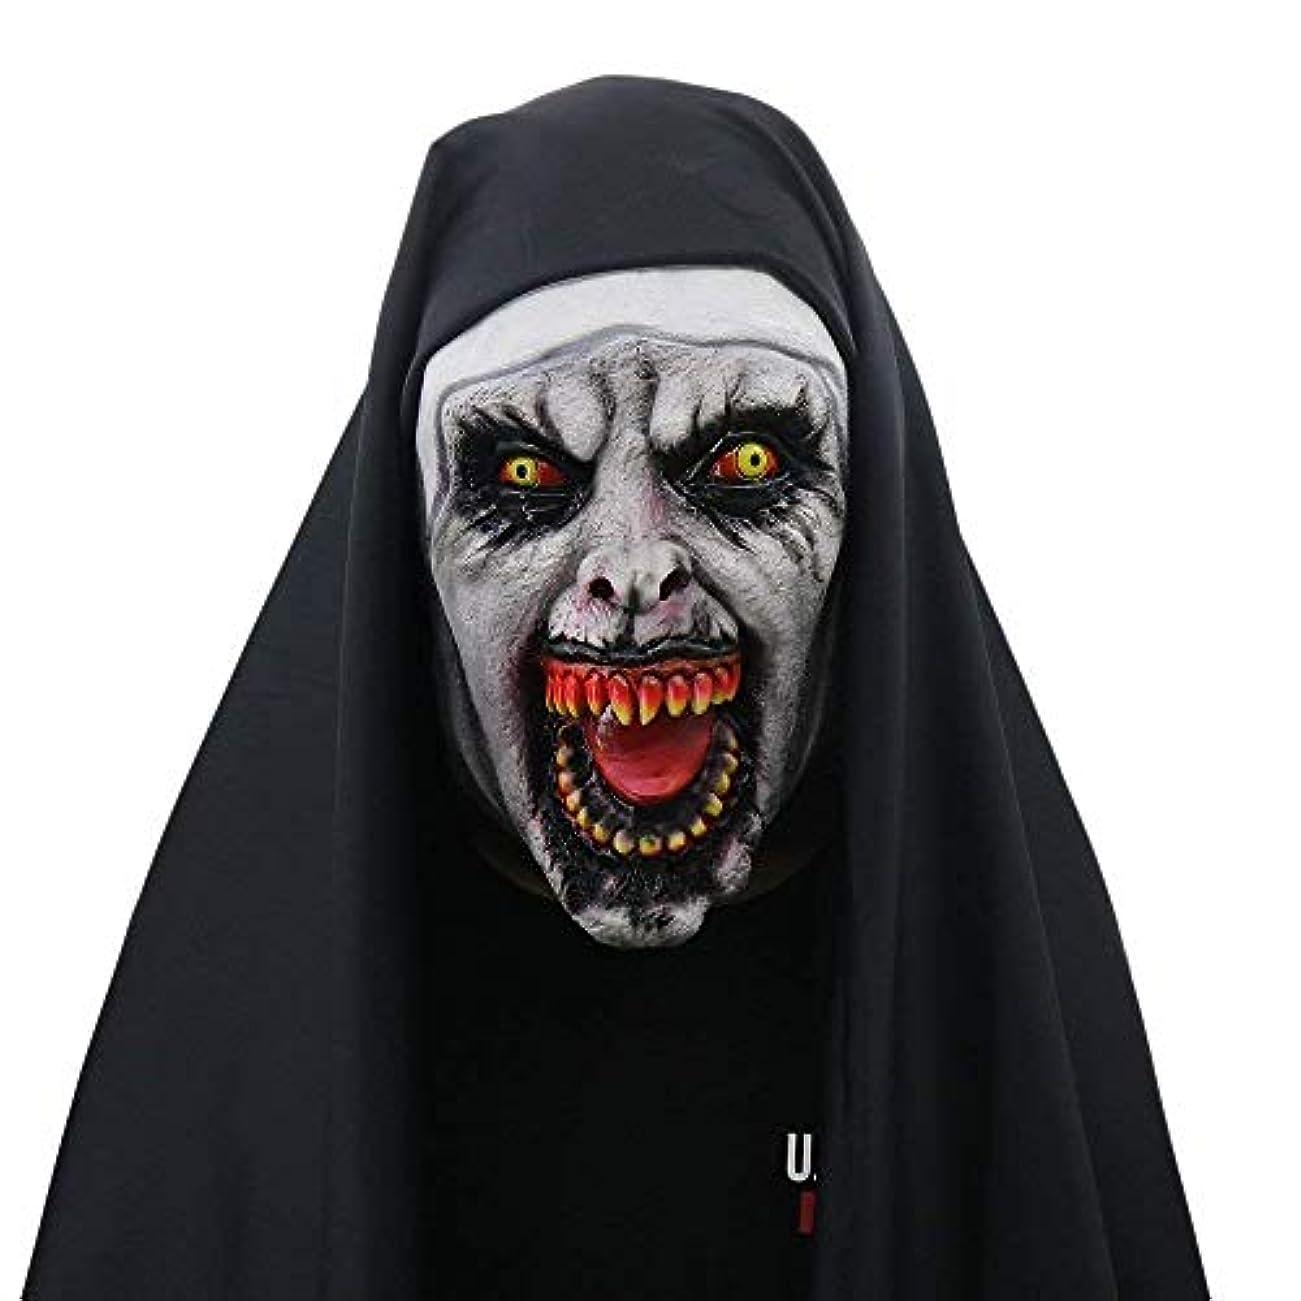 ロードブロッキング通貨平和なハロウィン修道女マスク、ホラー怖い女性ゴースト整頓パーティー用品ゾンビマスク27 * 28 cm (Color : A)